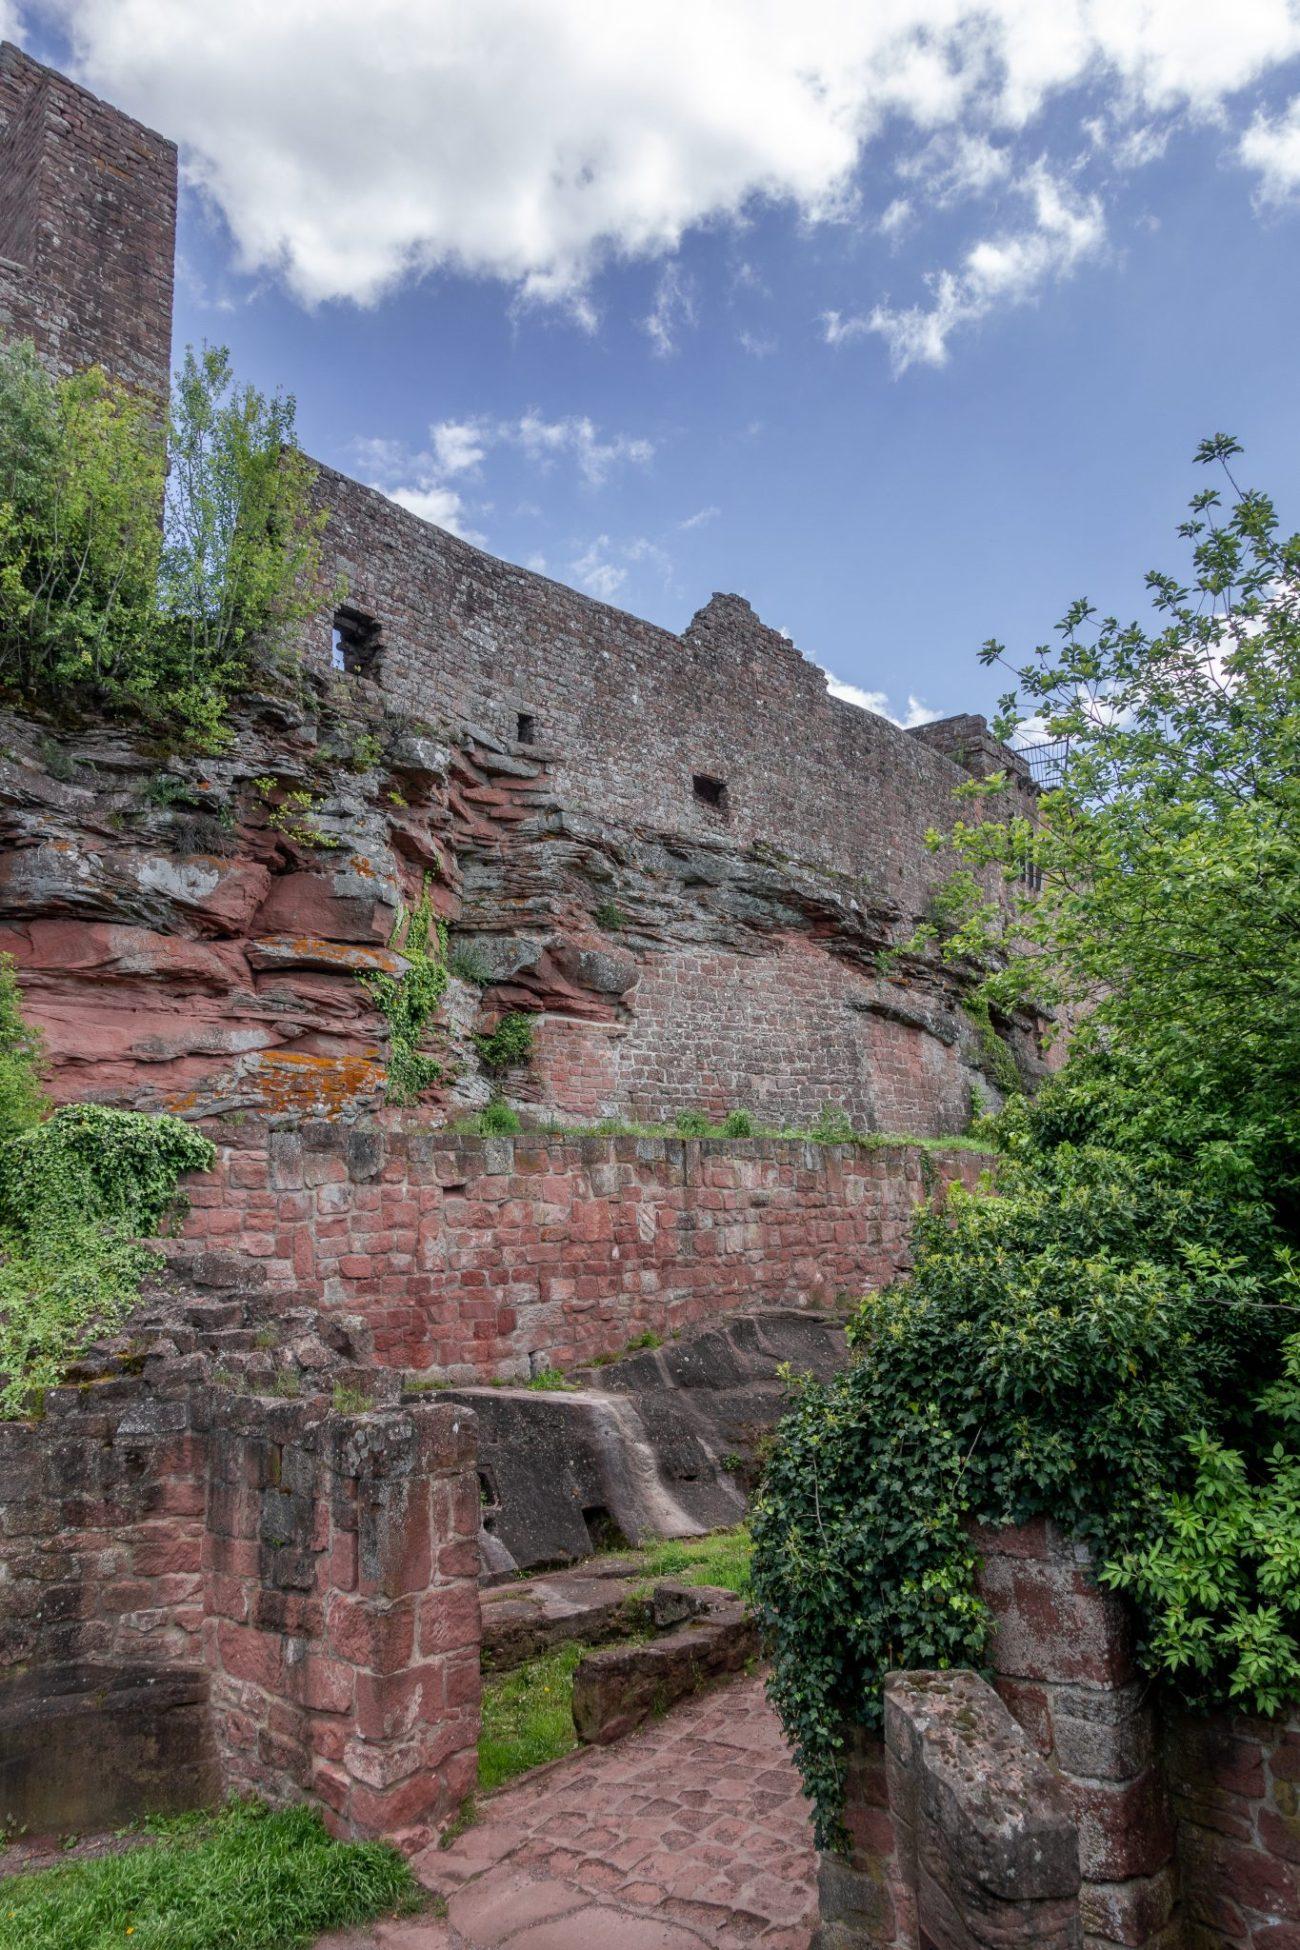 Landau-pfalz-sehenswürdigkeit-madenburg-ruine